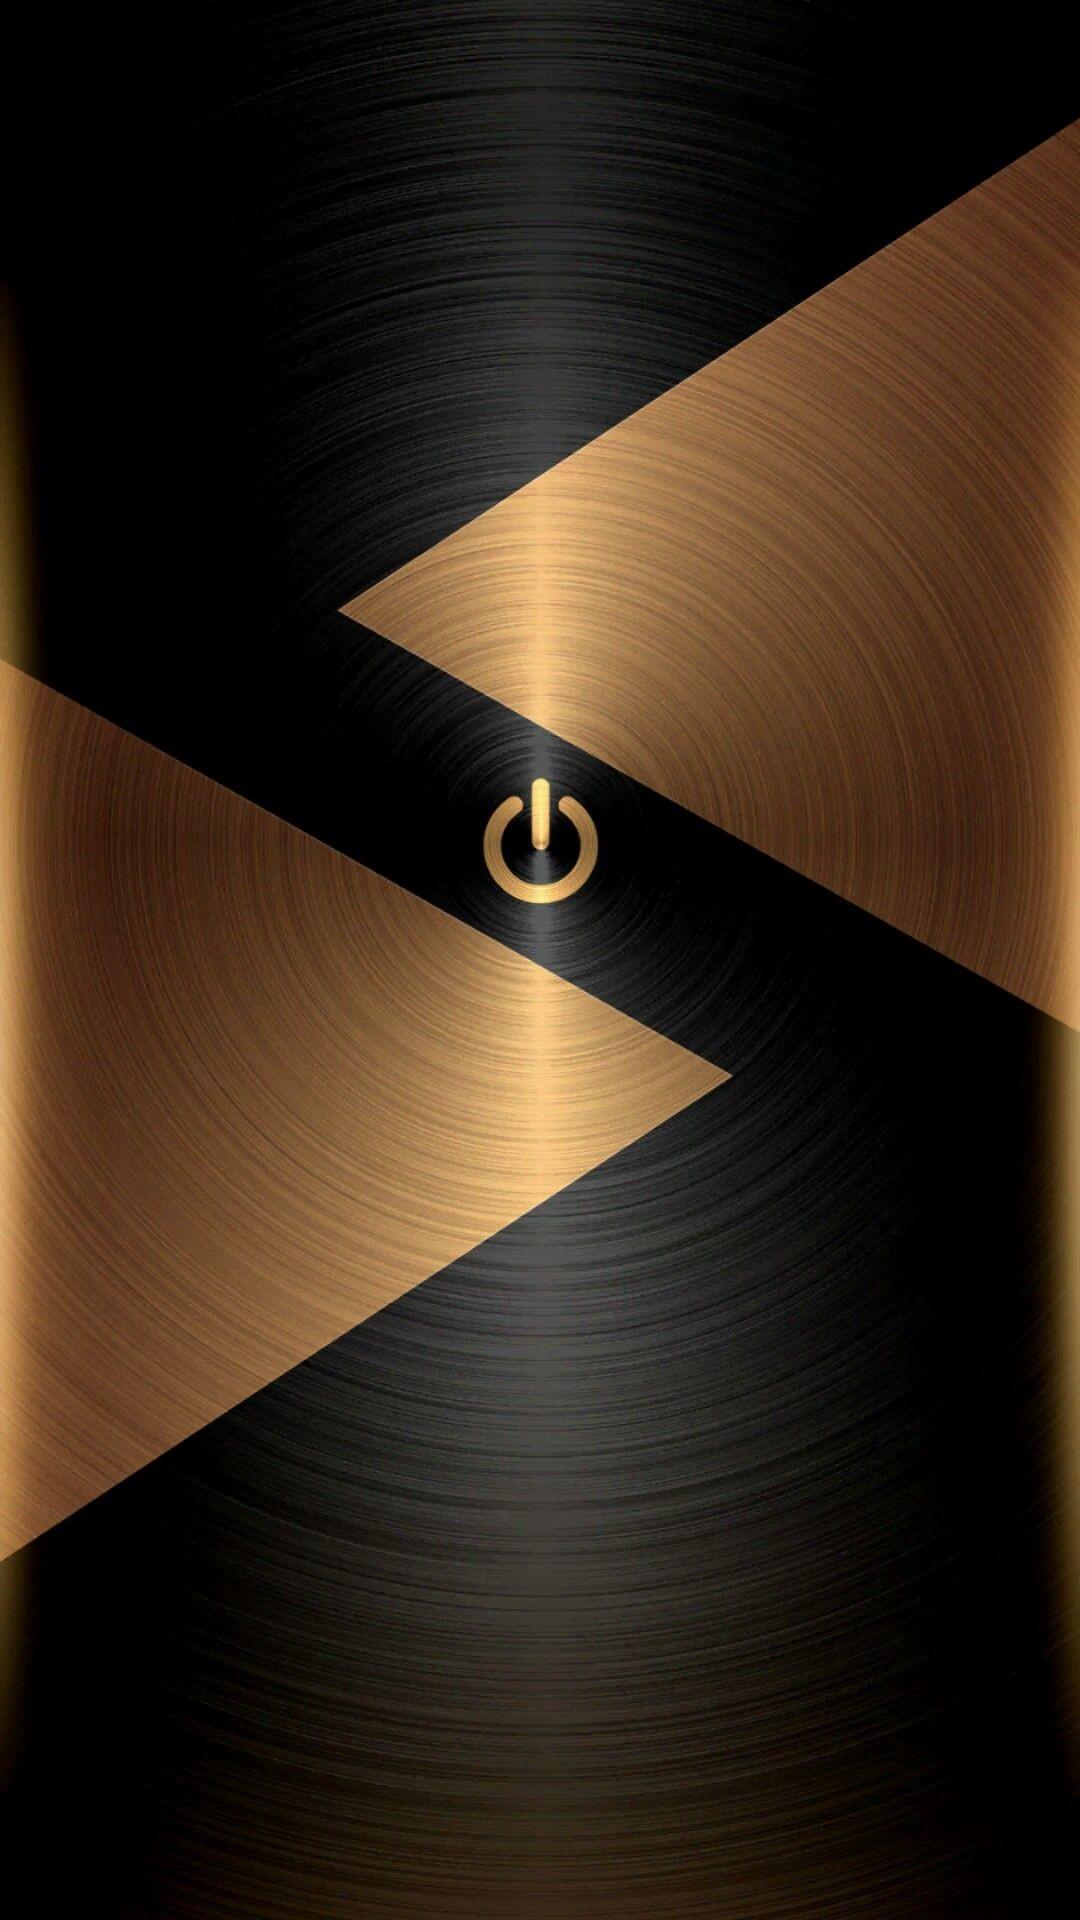 Black and Gold Desktop Wallpaper (78+ images)